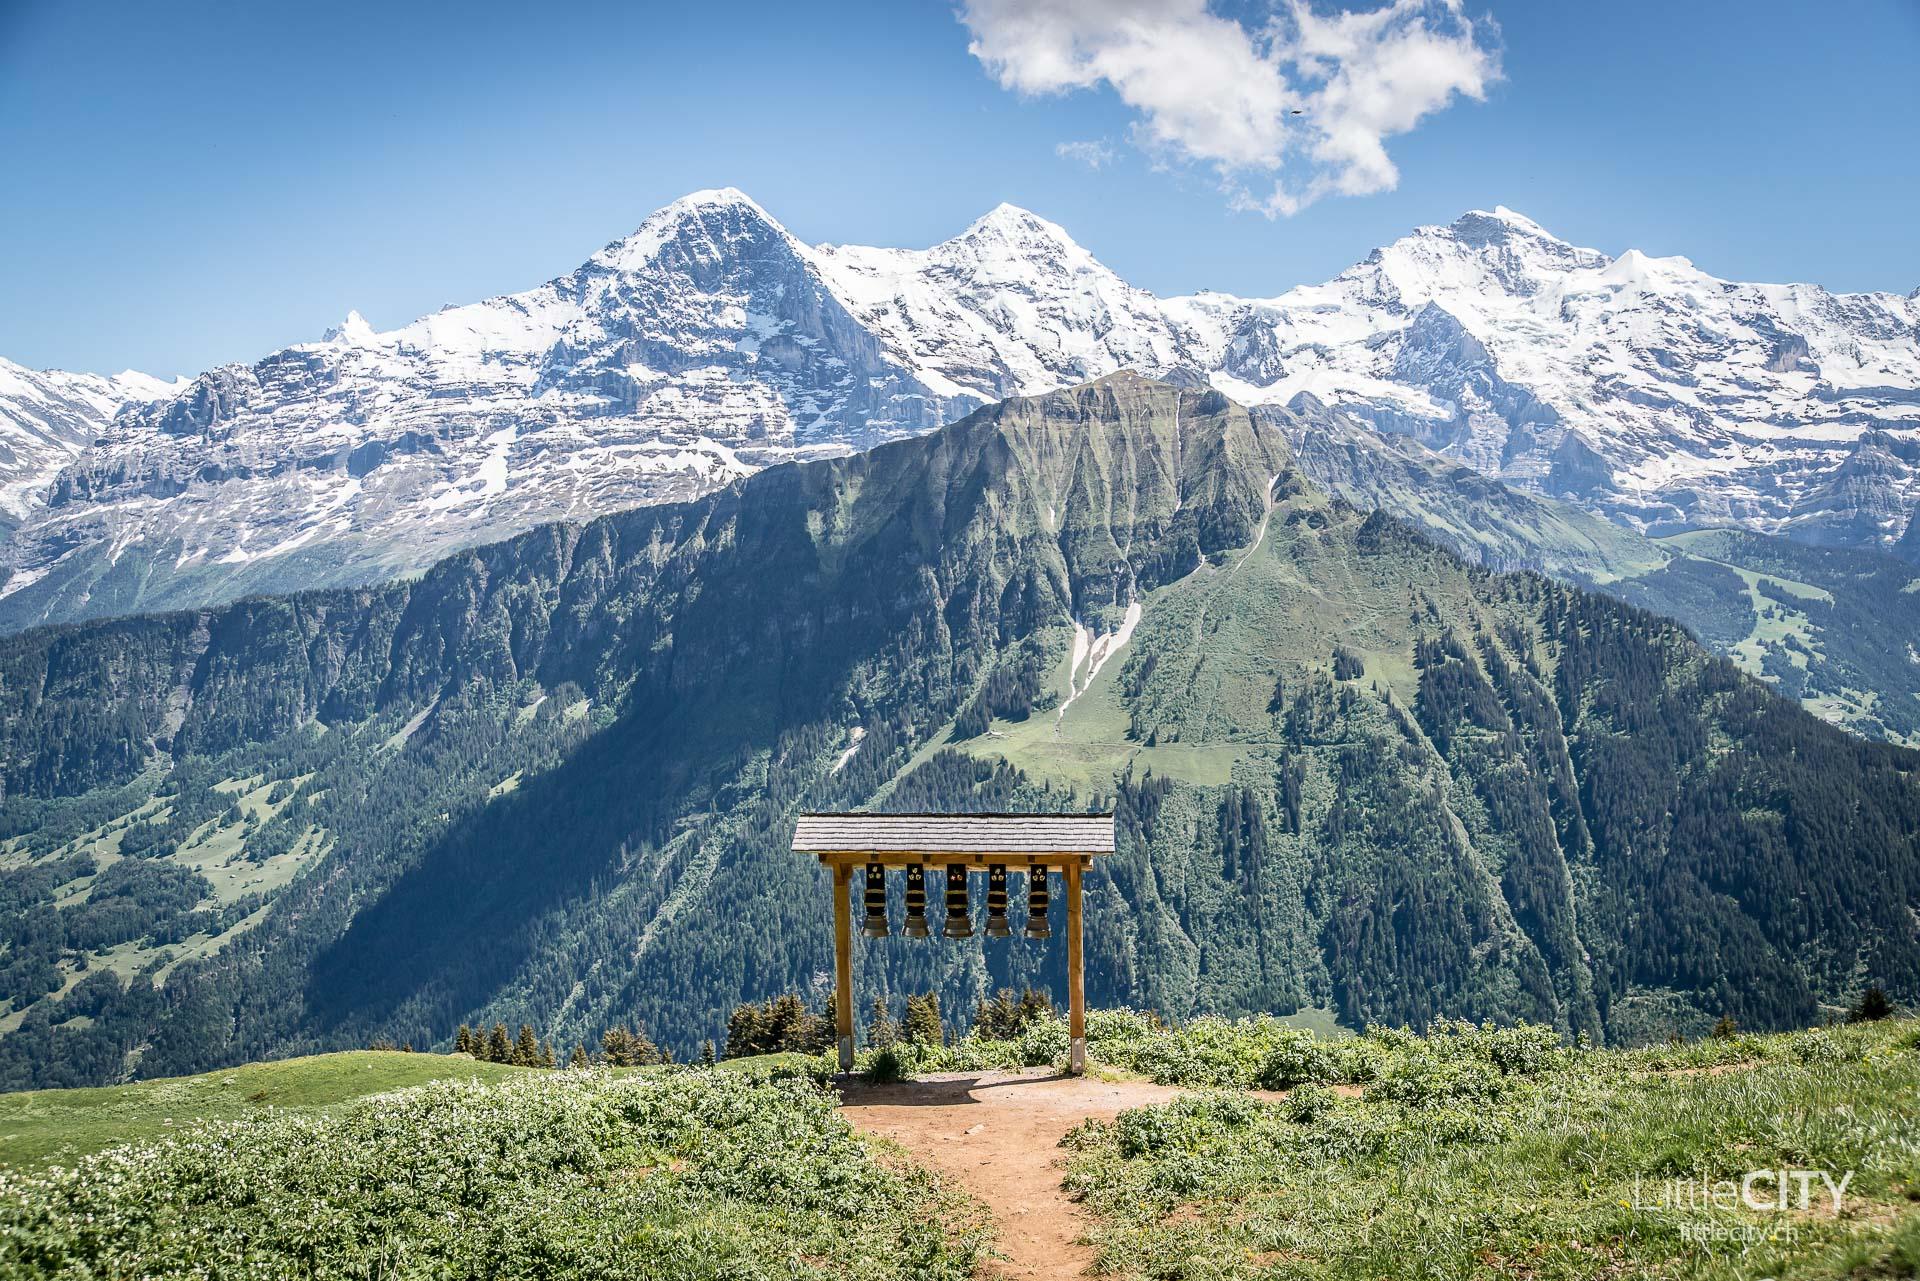 Schynige Platte Wanderung Jungfrau Bahnen LittleCITY-34